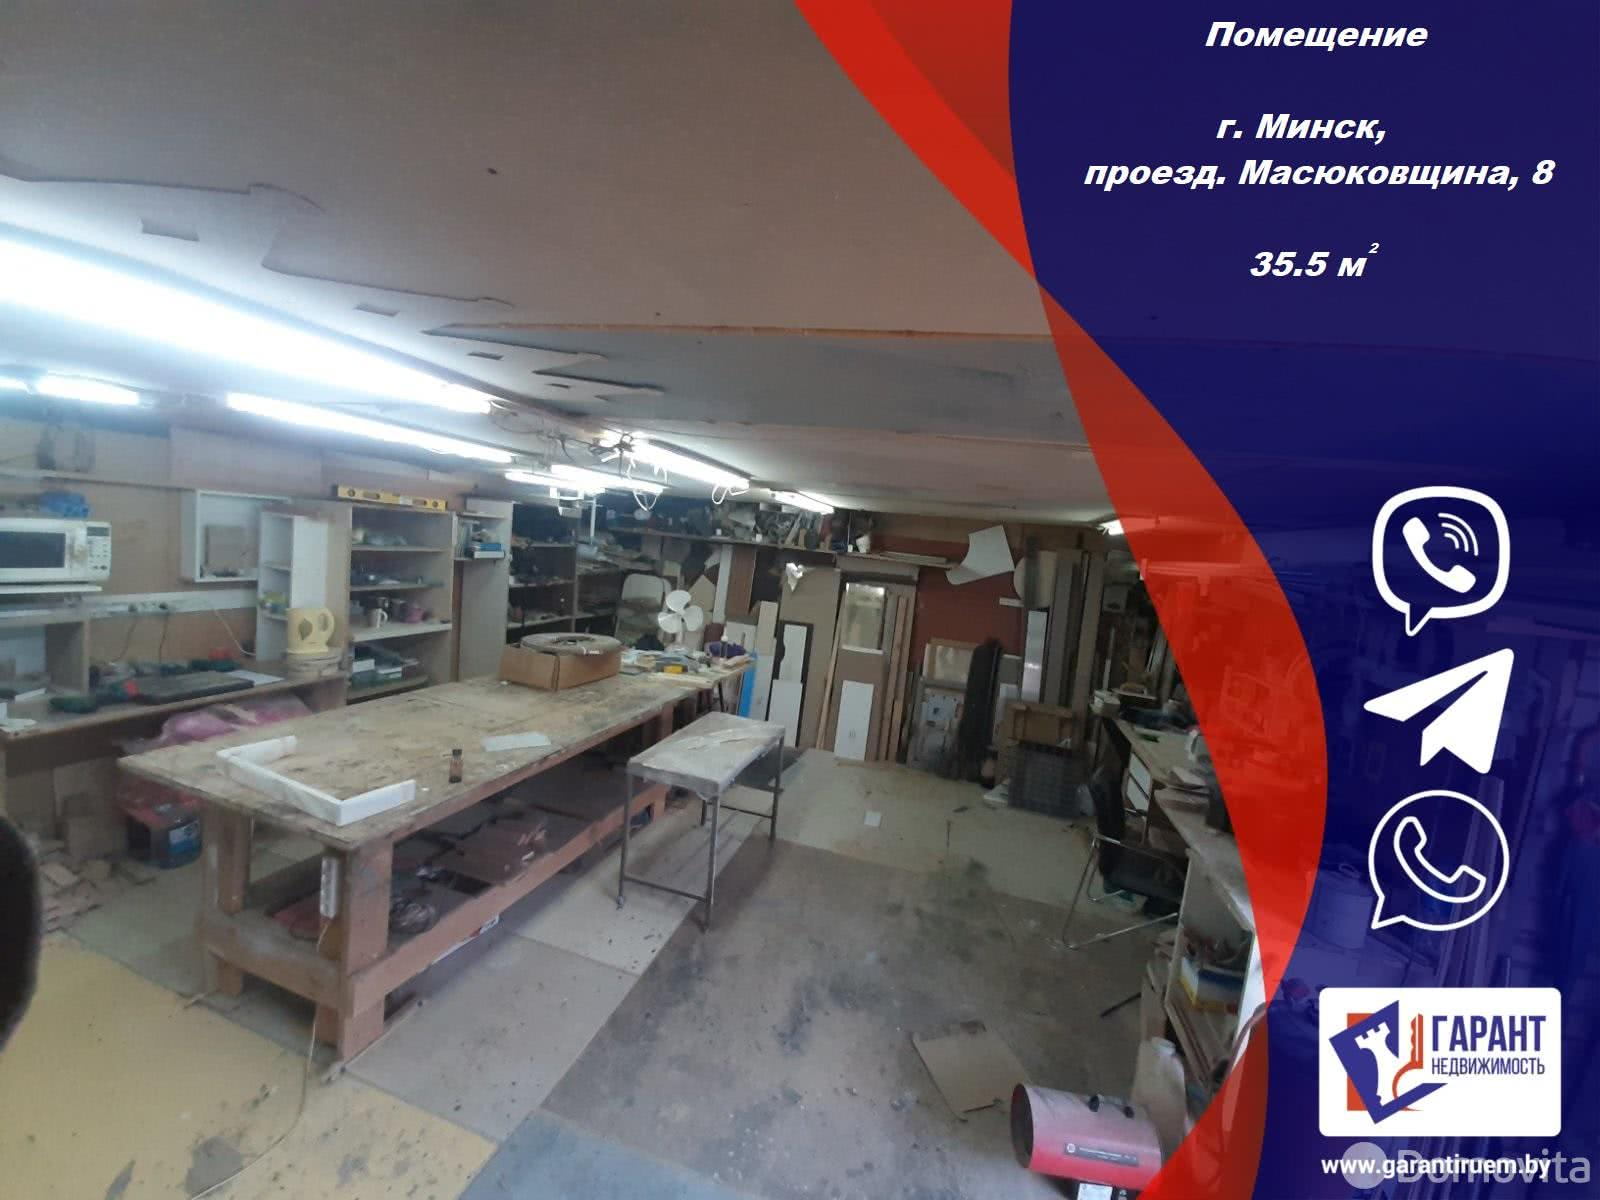 Купить складское помещение на пр-д Масюковщина, д. 8 в Минске - фото 1